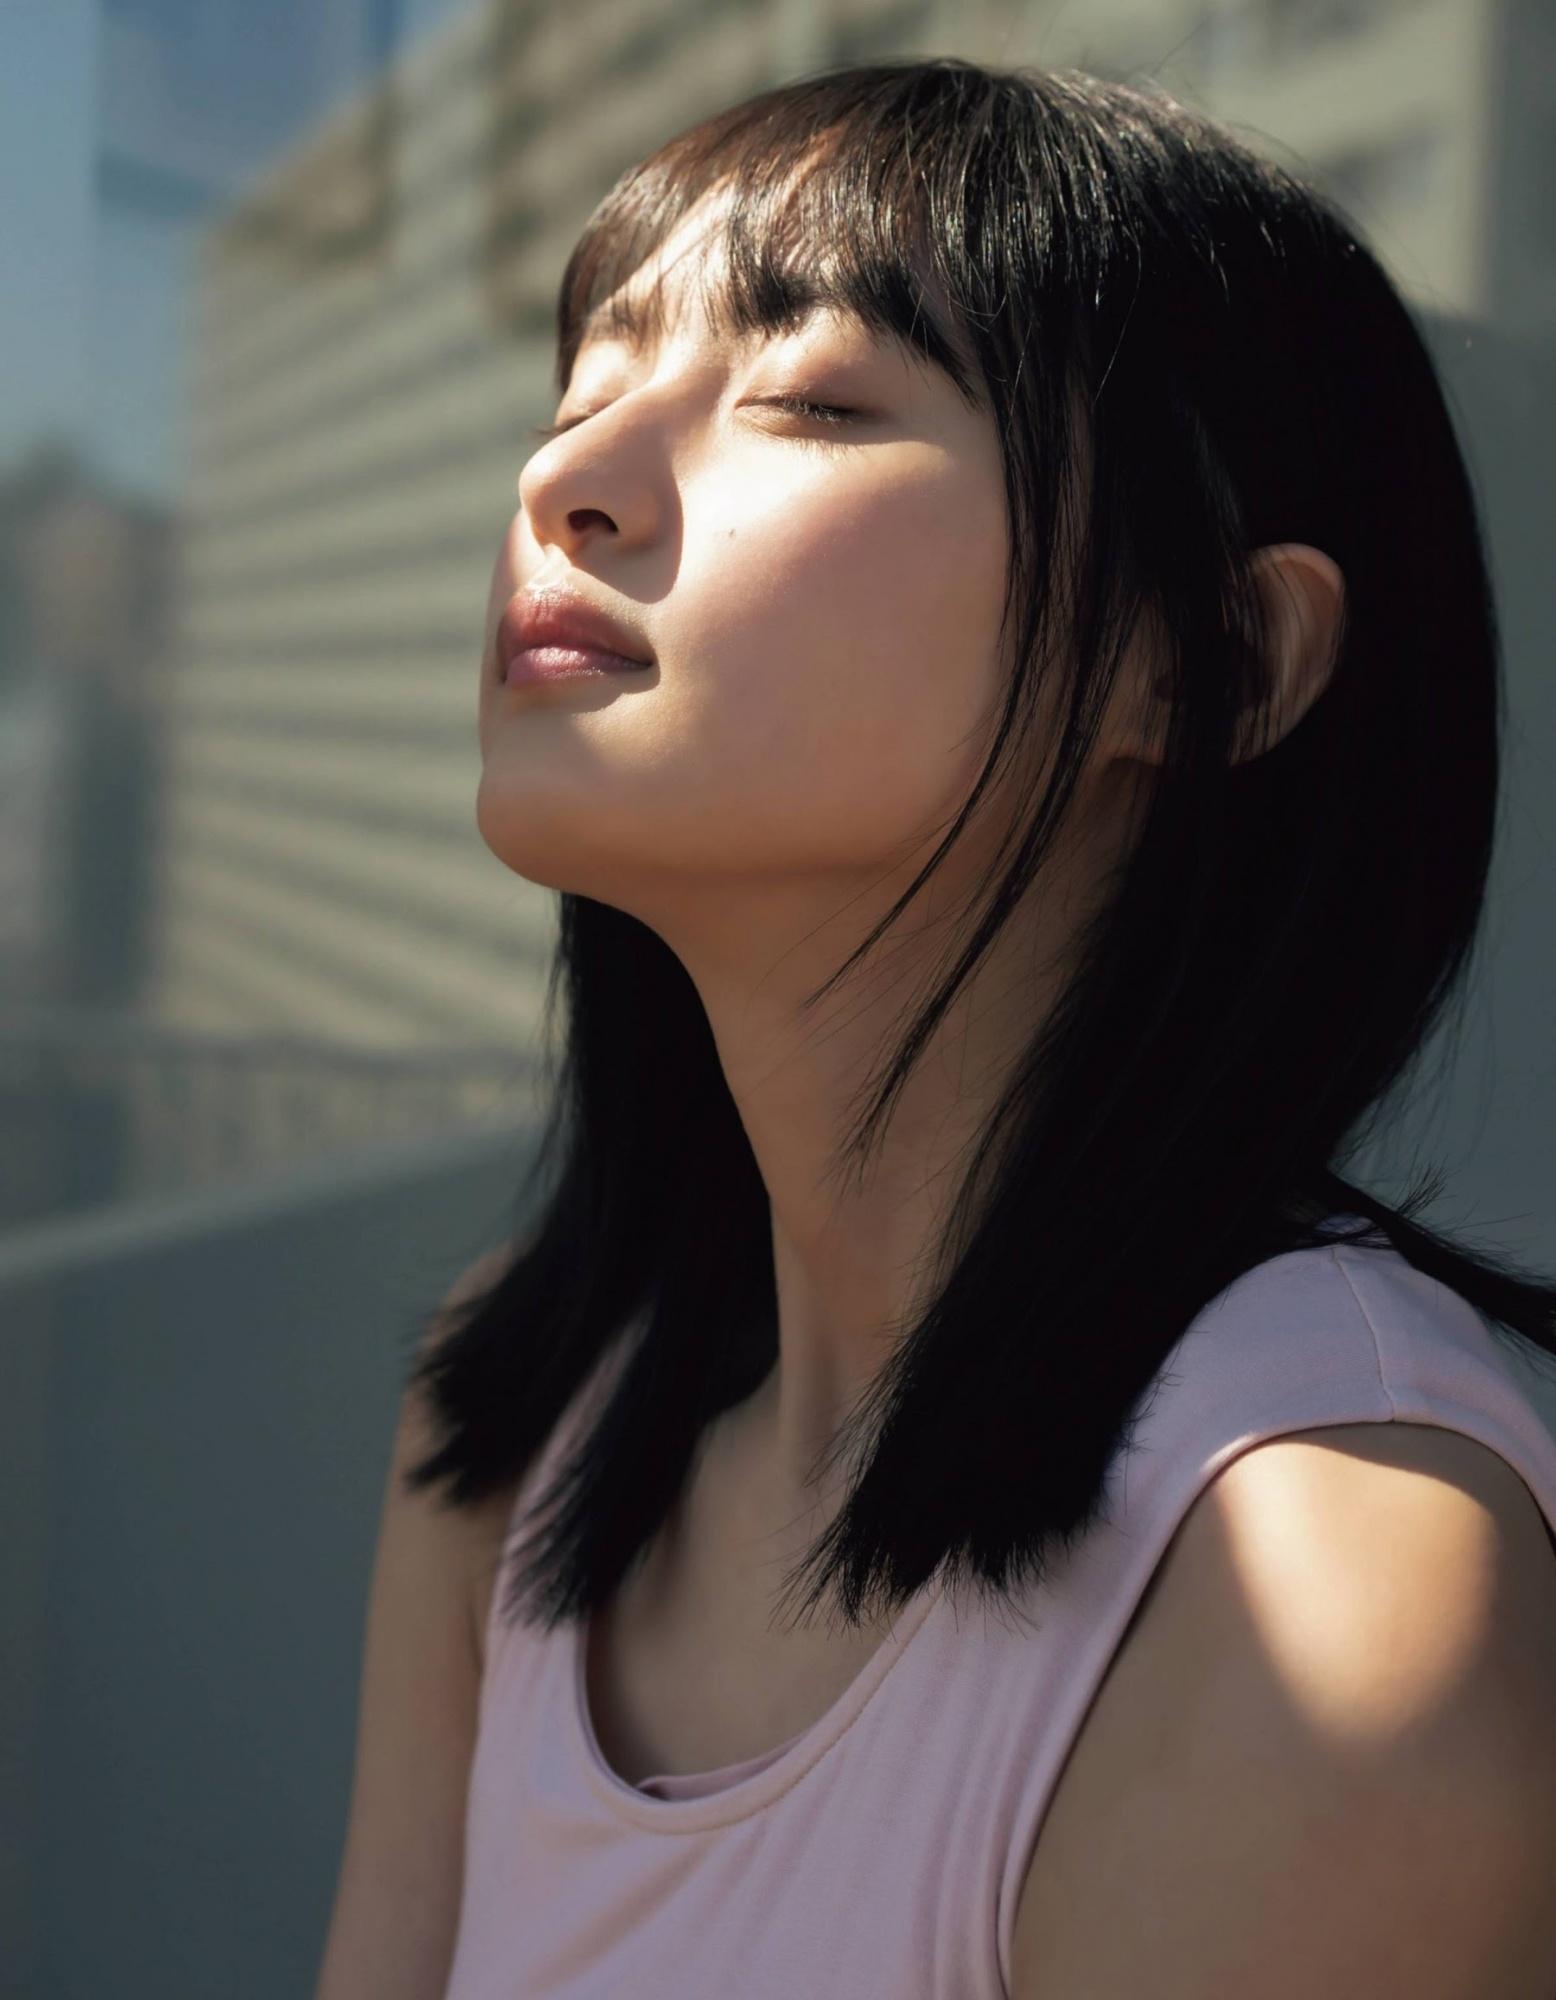 乃木坂46偶像远藤さくら开朗笑颜散发纯真气息 网络美女 第28张